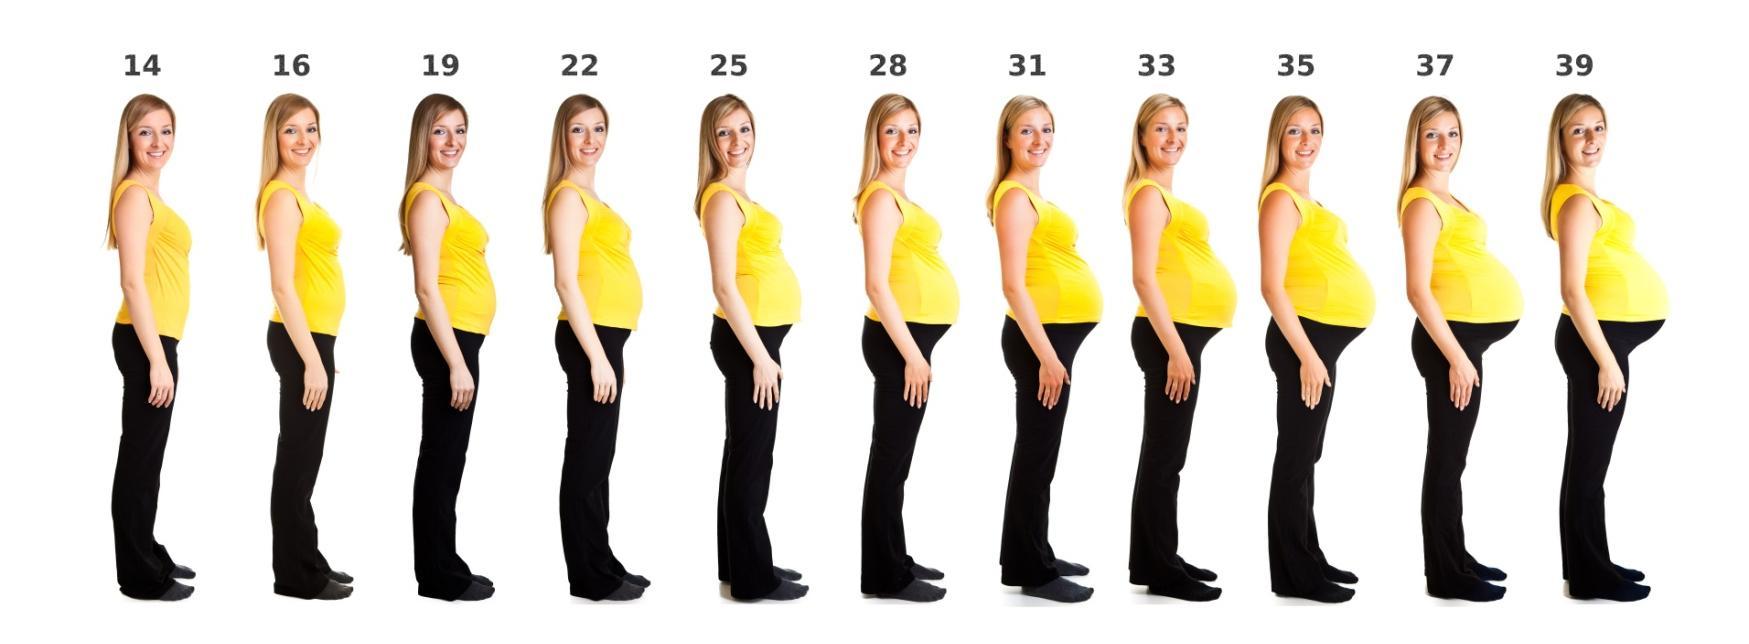 Подсчитываем срок беременности вместе!   Mamaplus 5c888ad6819